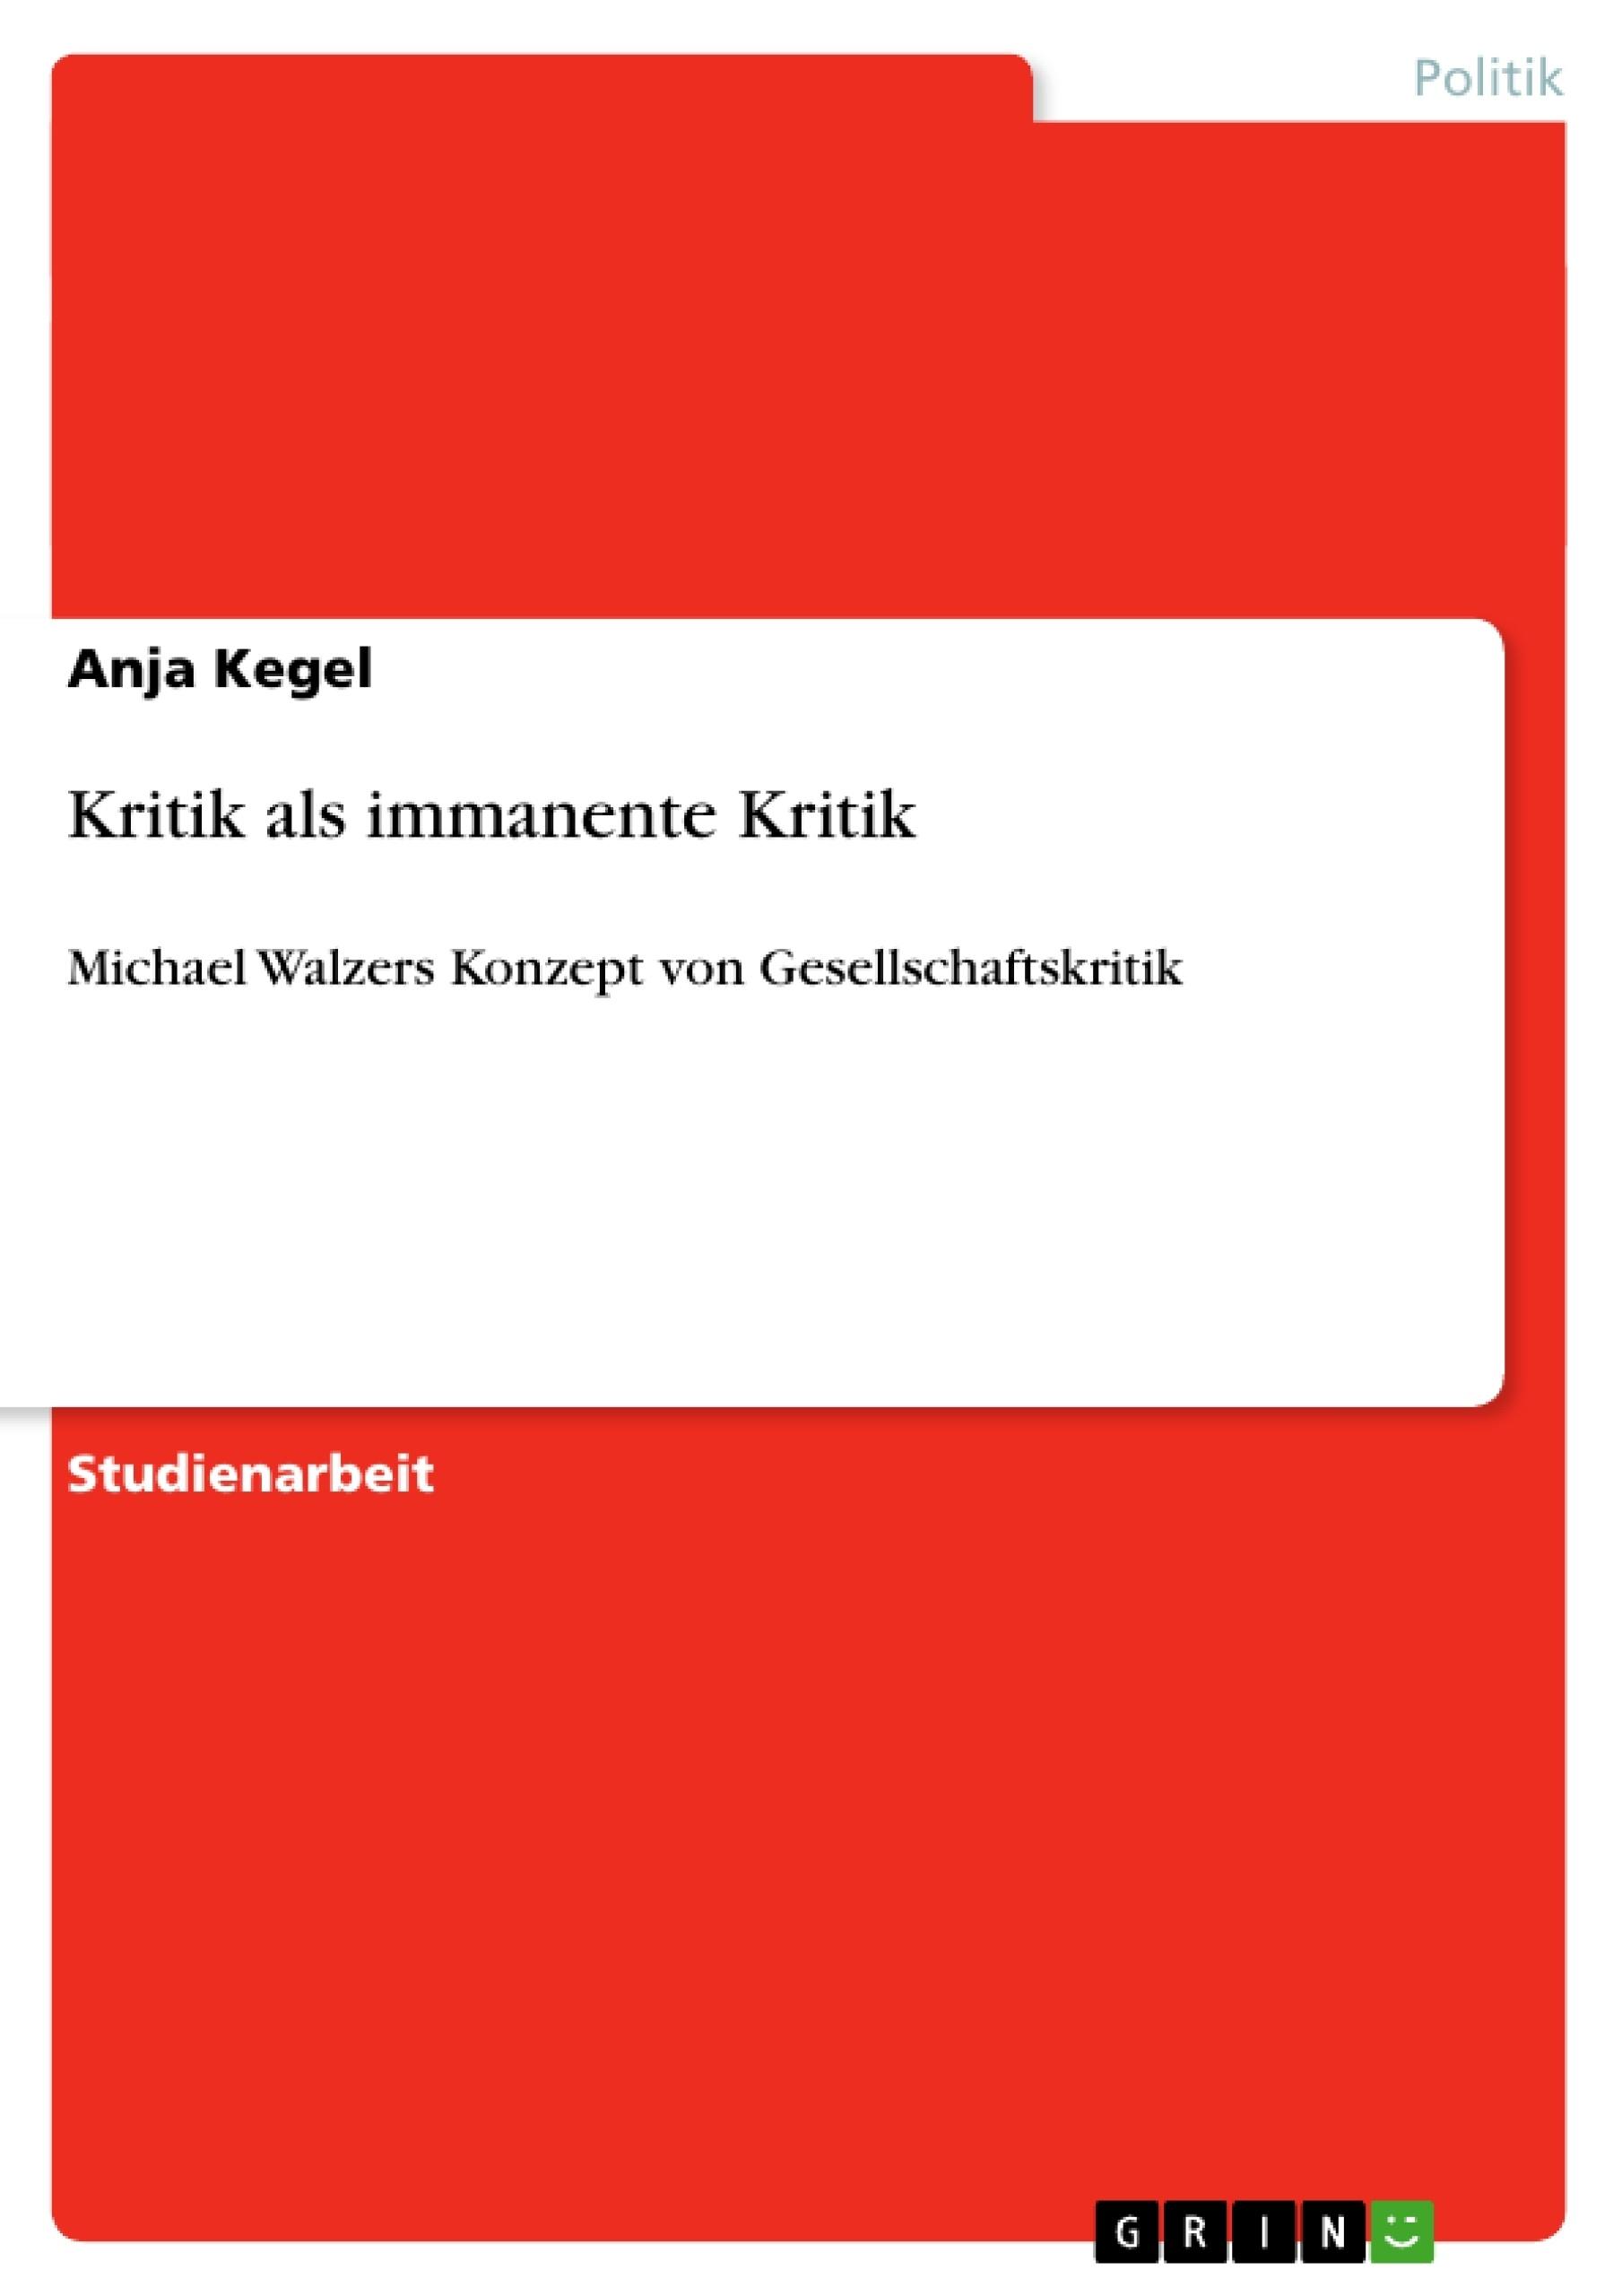 Kritik als immanente Kritik | Masterarbeit, Hausarbeit ...